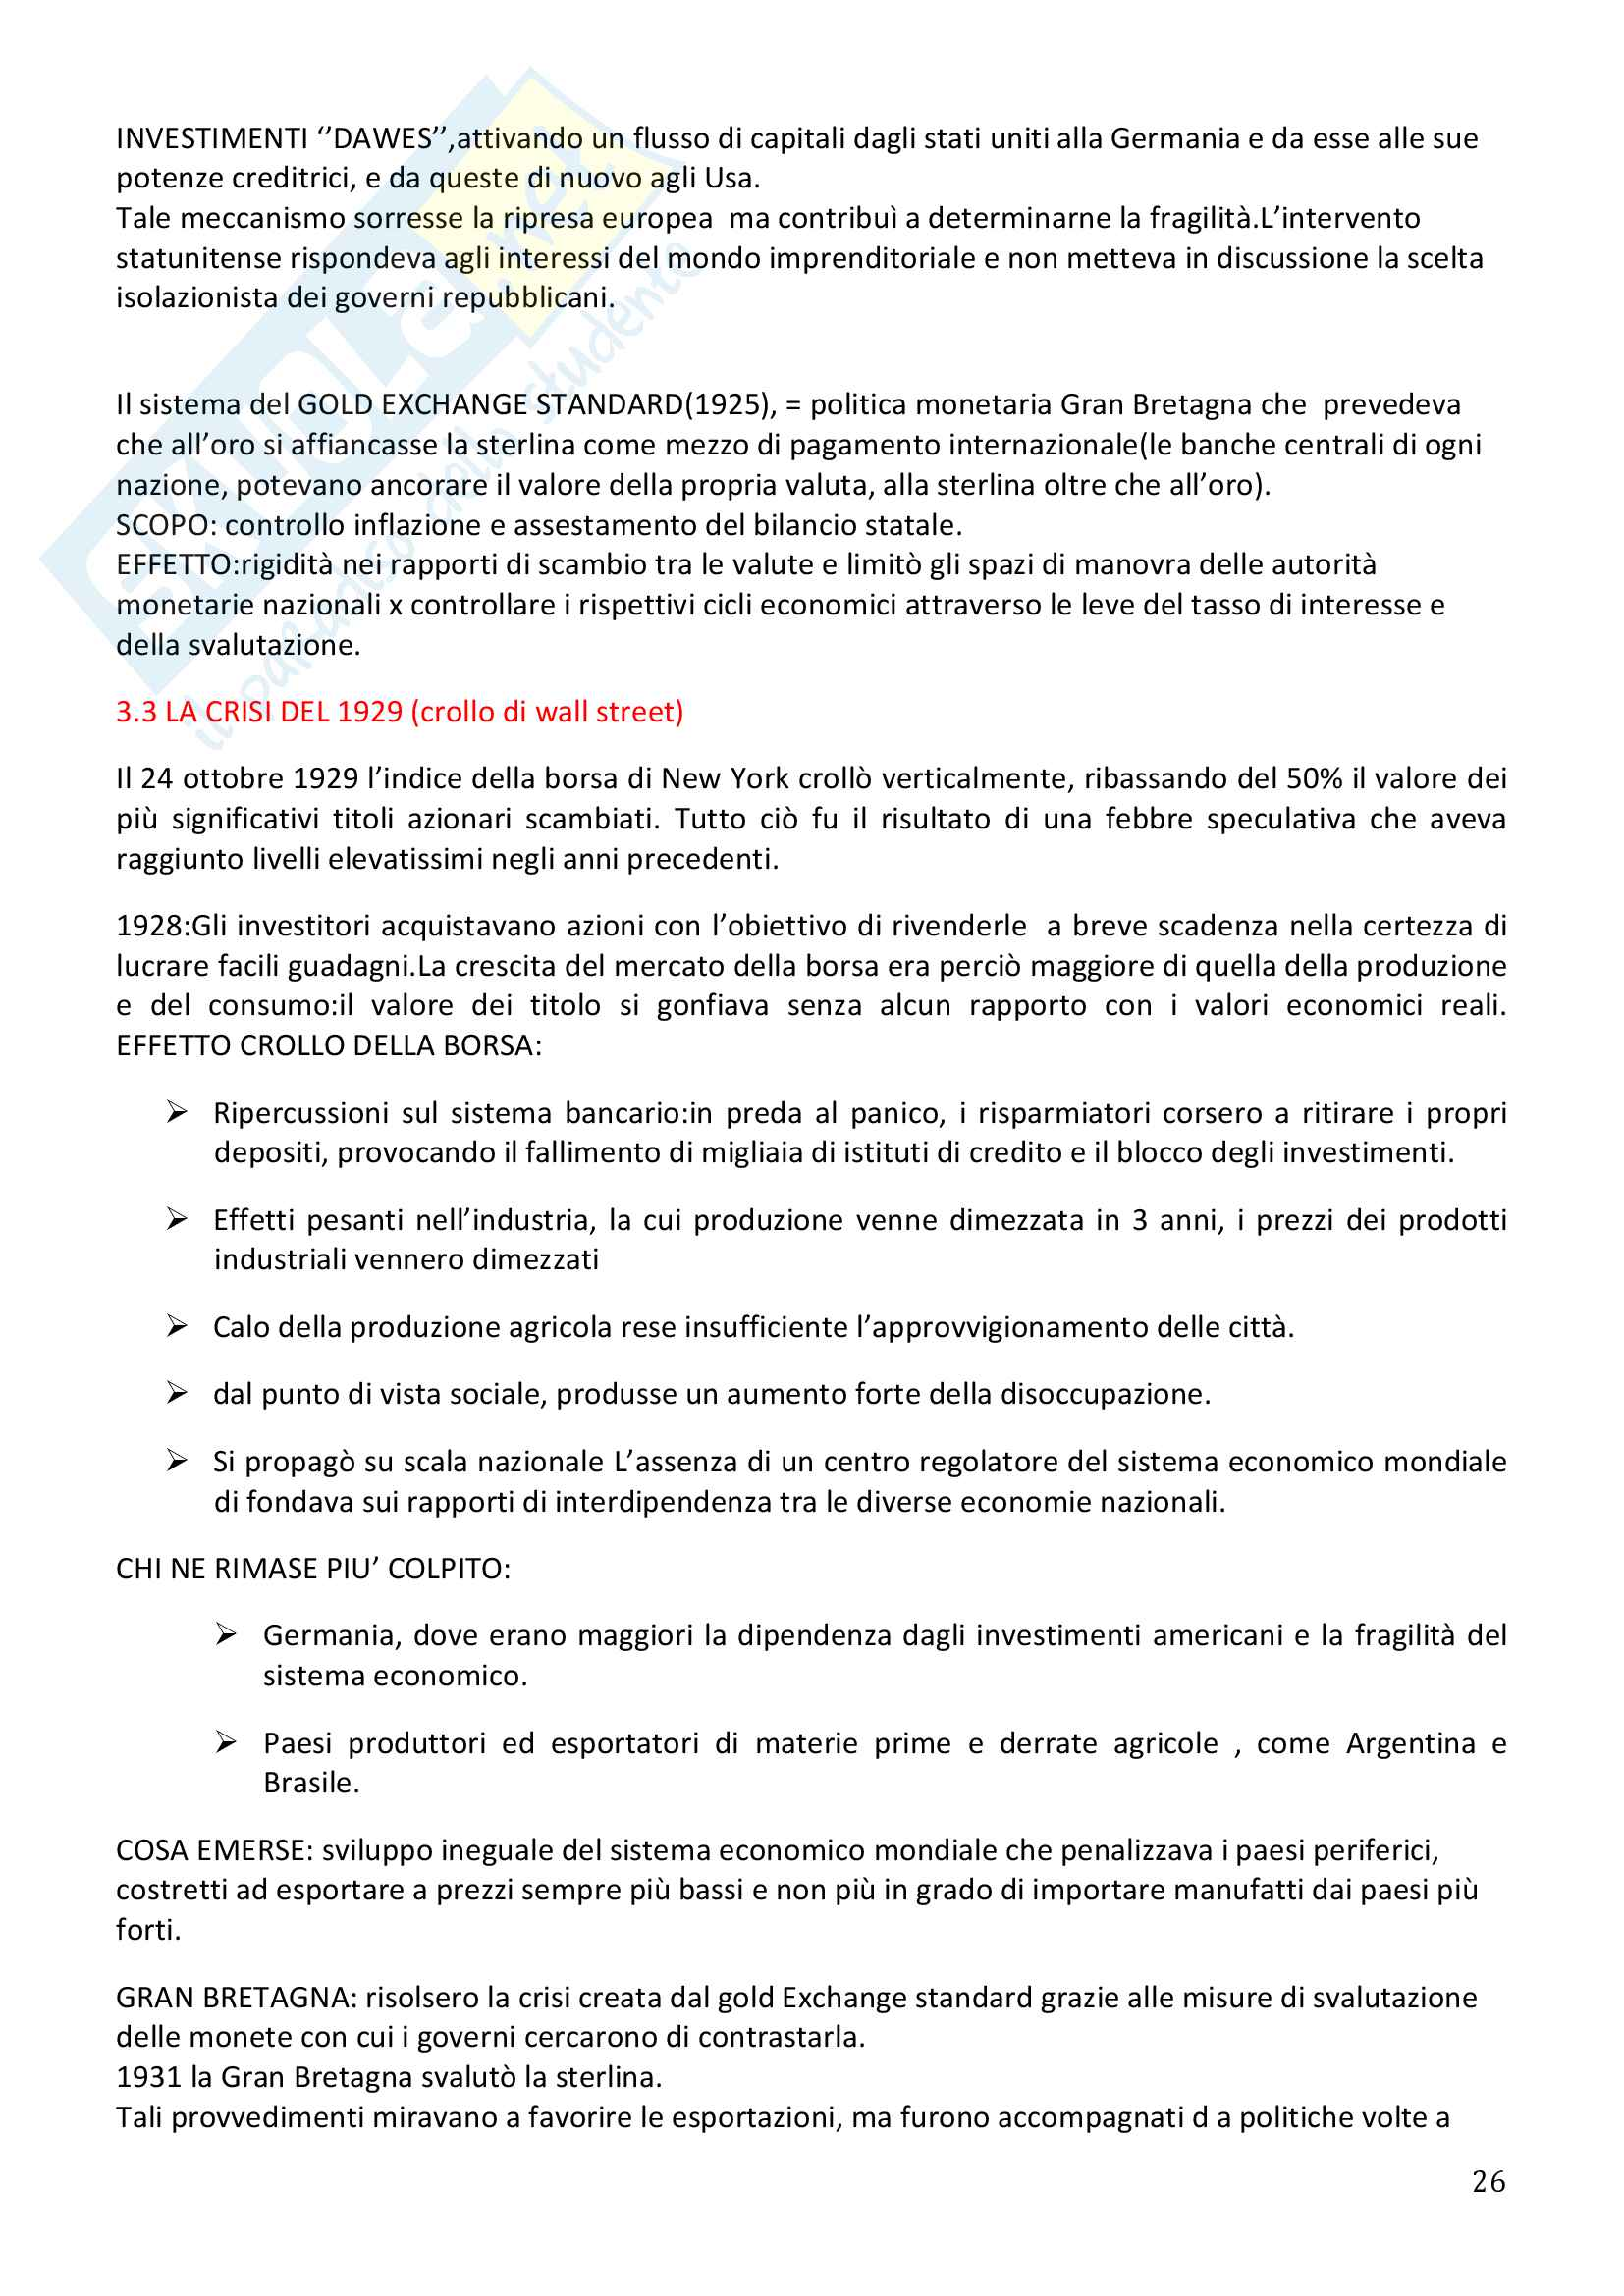 Storia Contemporanea, Detti, Gozzini il Novecento - Riassunto Pag. 26